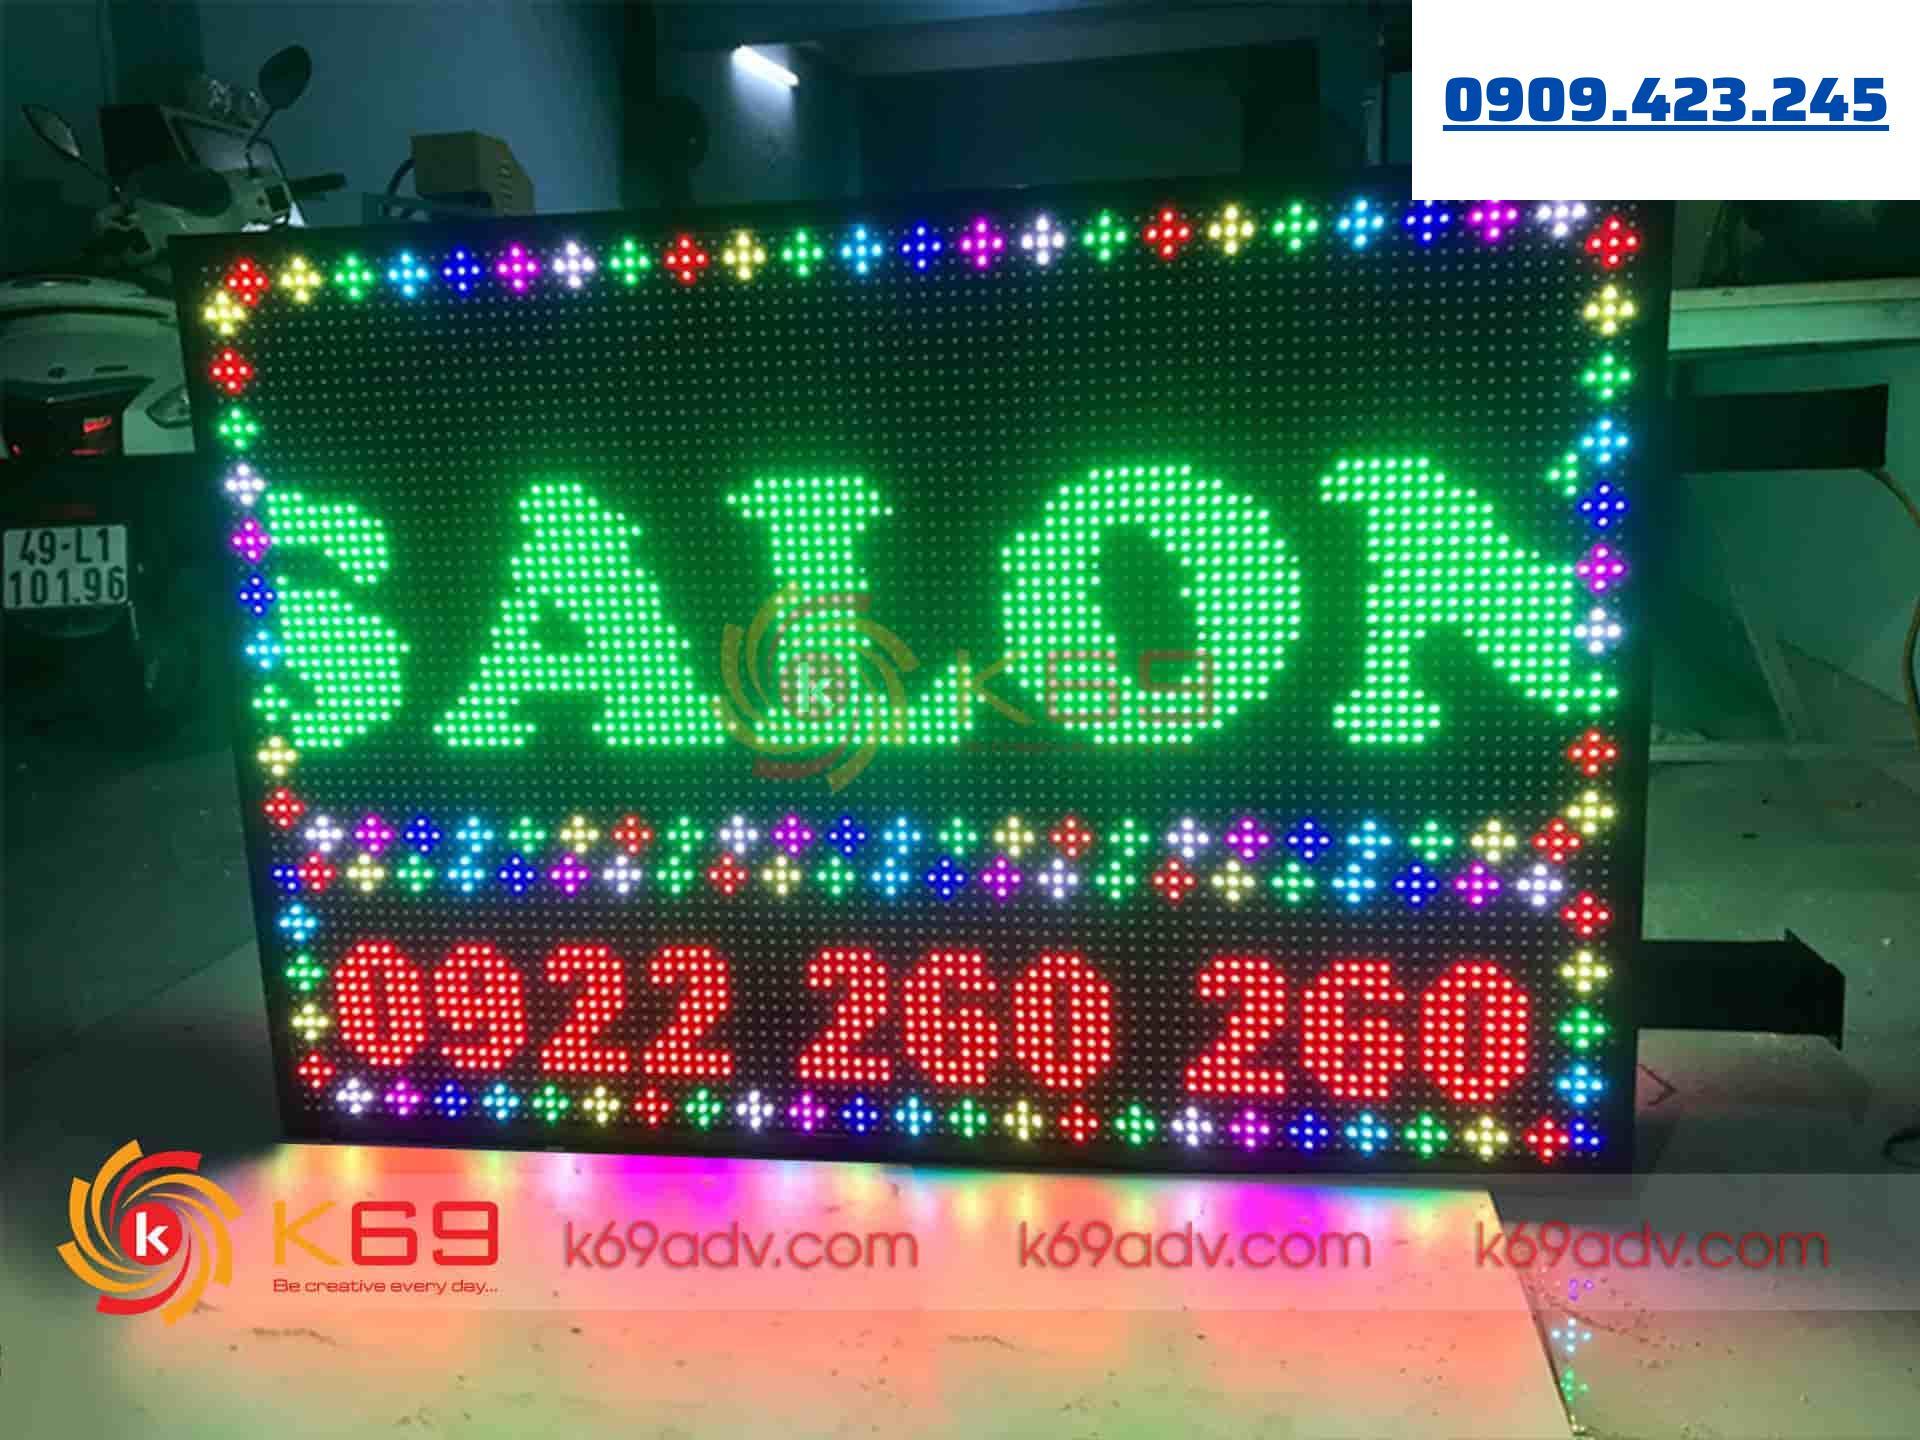 Mẫu bảng hiệu đèn LED Matrix tại K69ADV